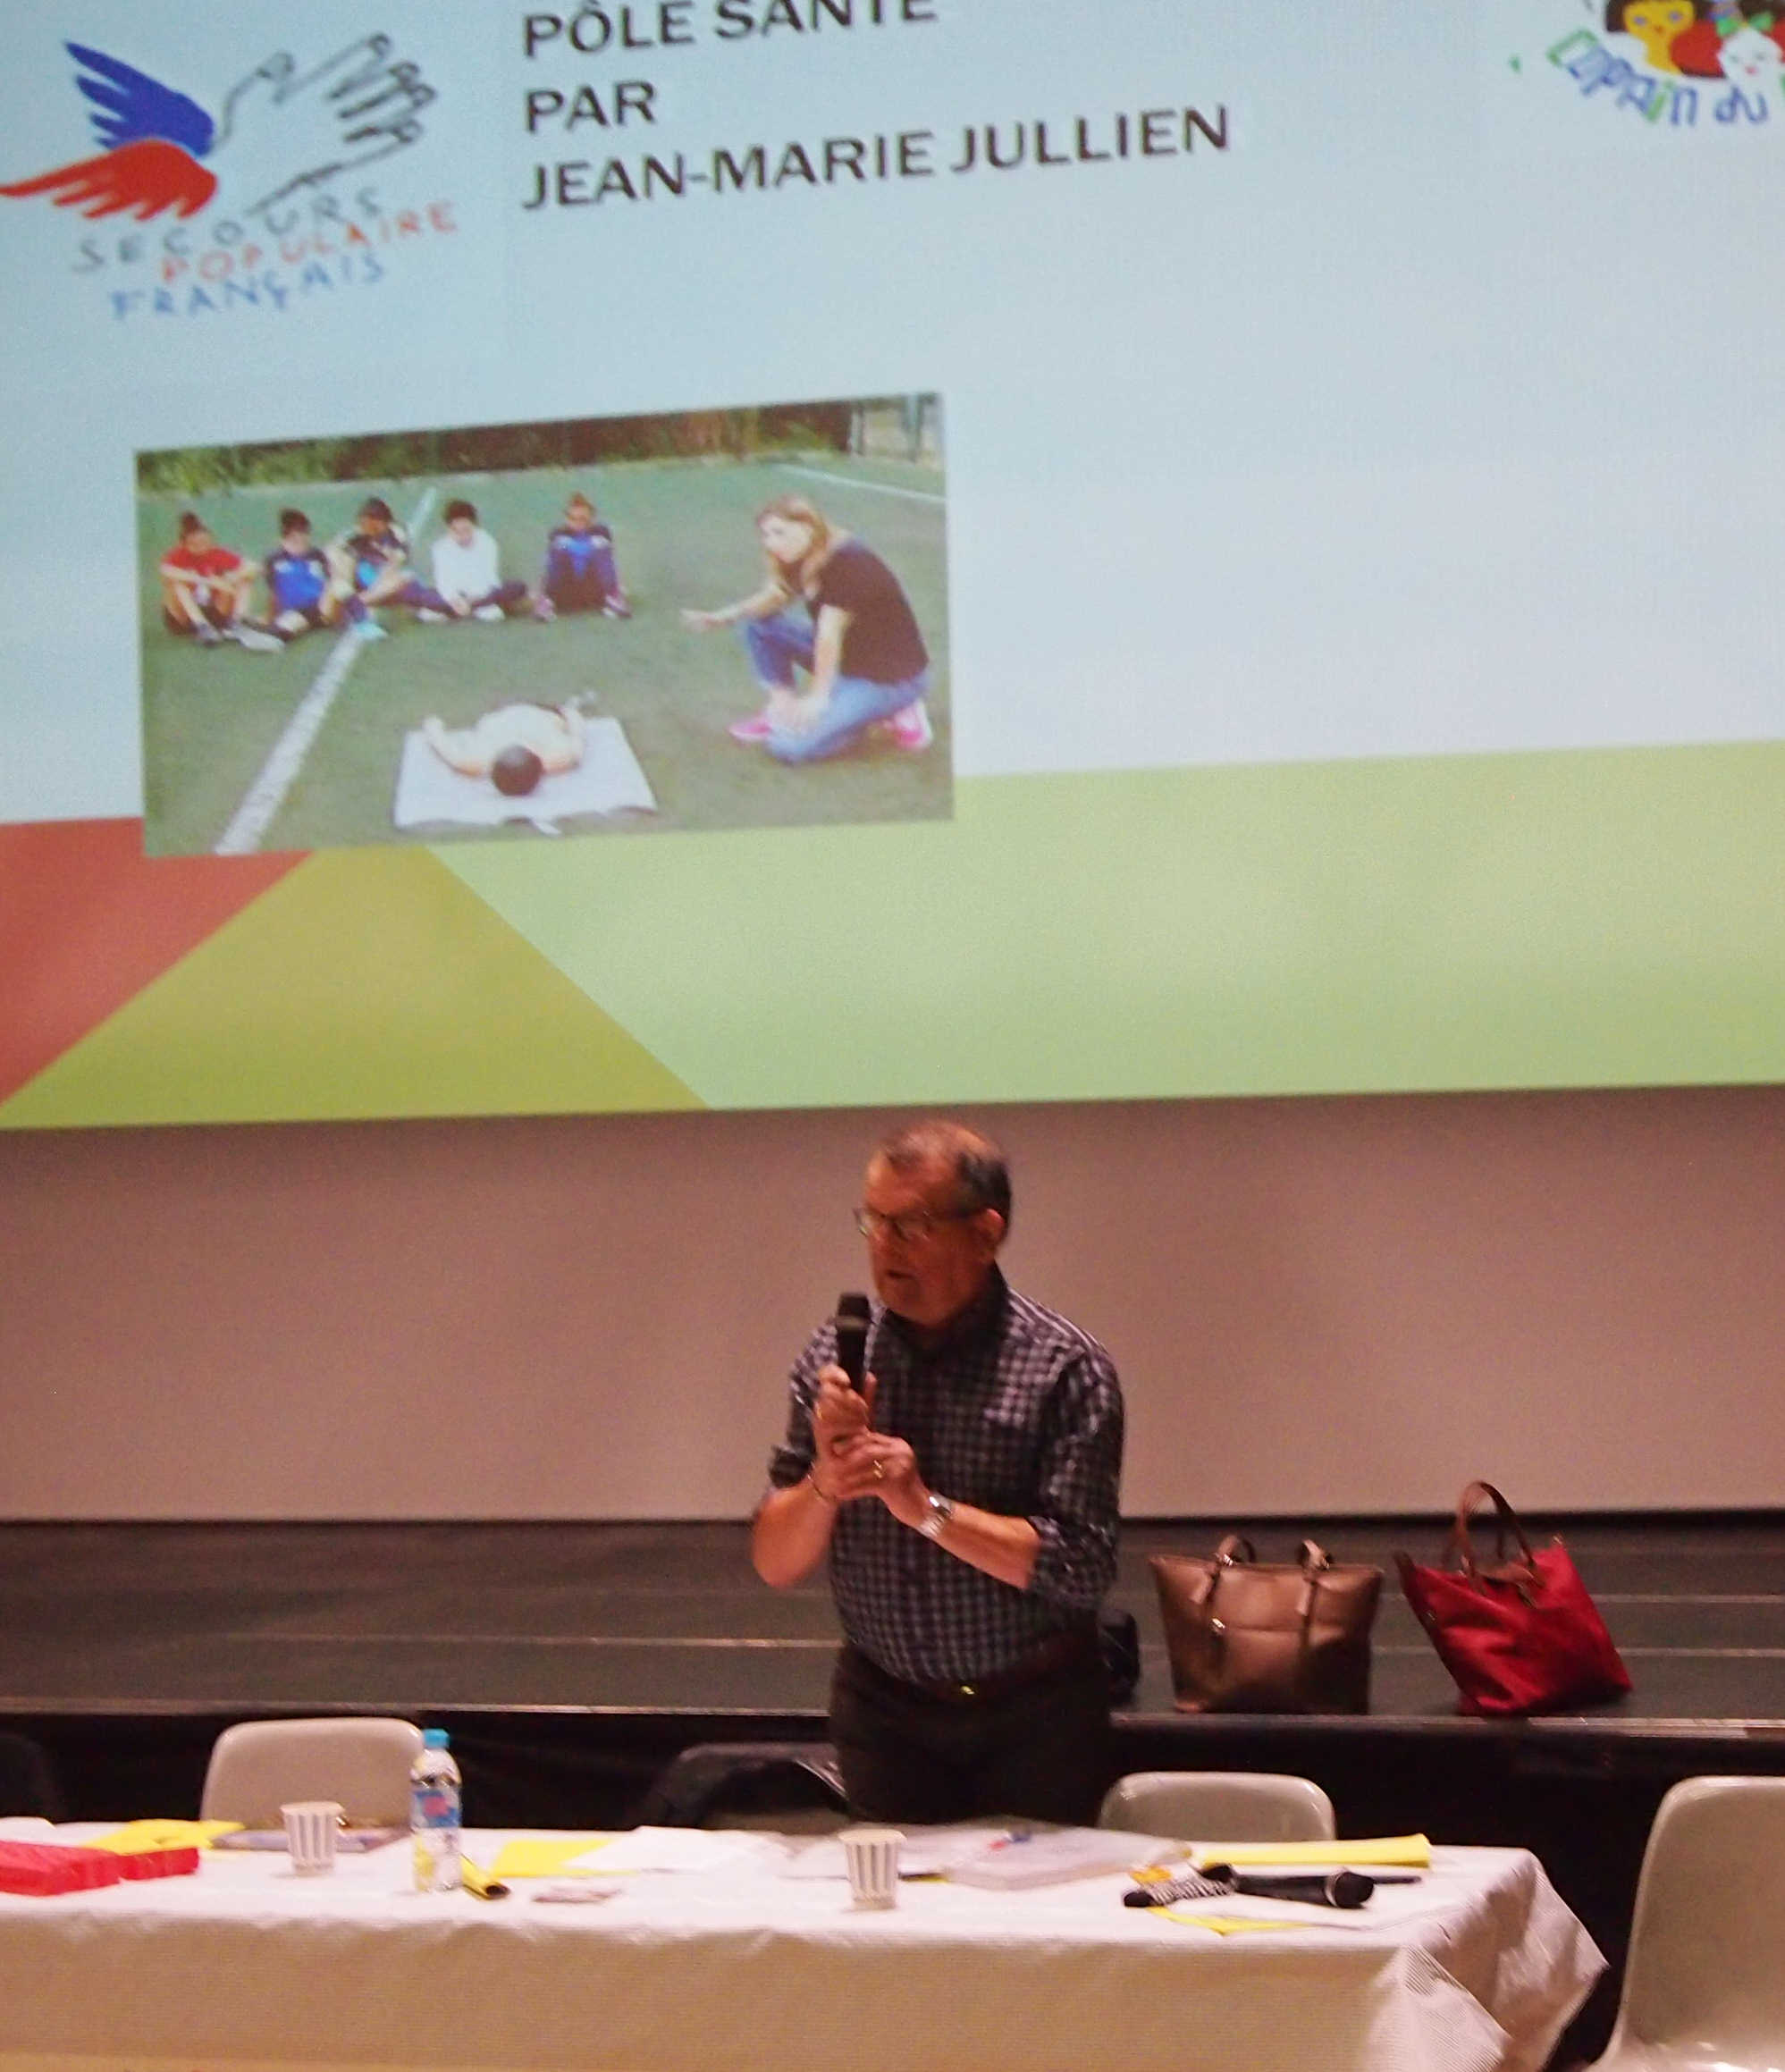 JM Jullien explique son rôlr dans le pole santé